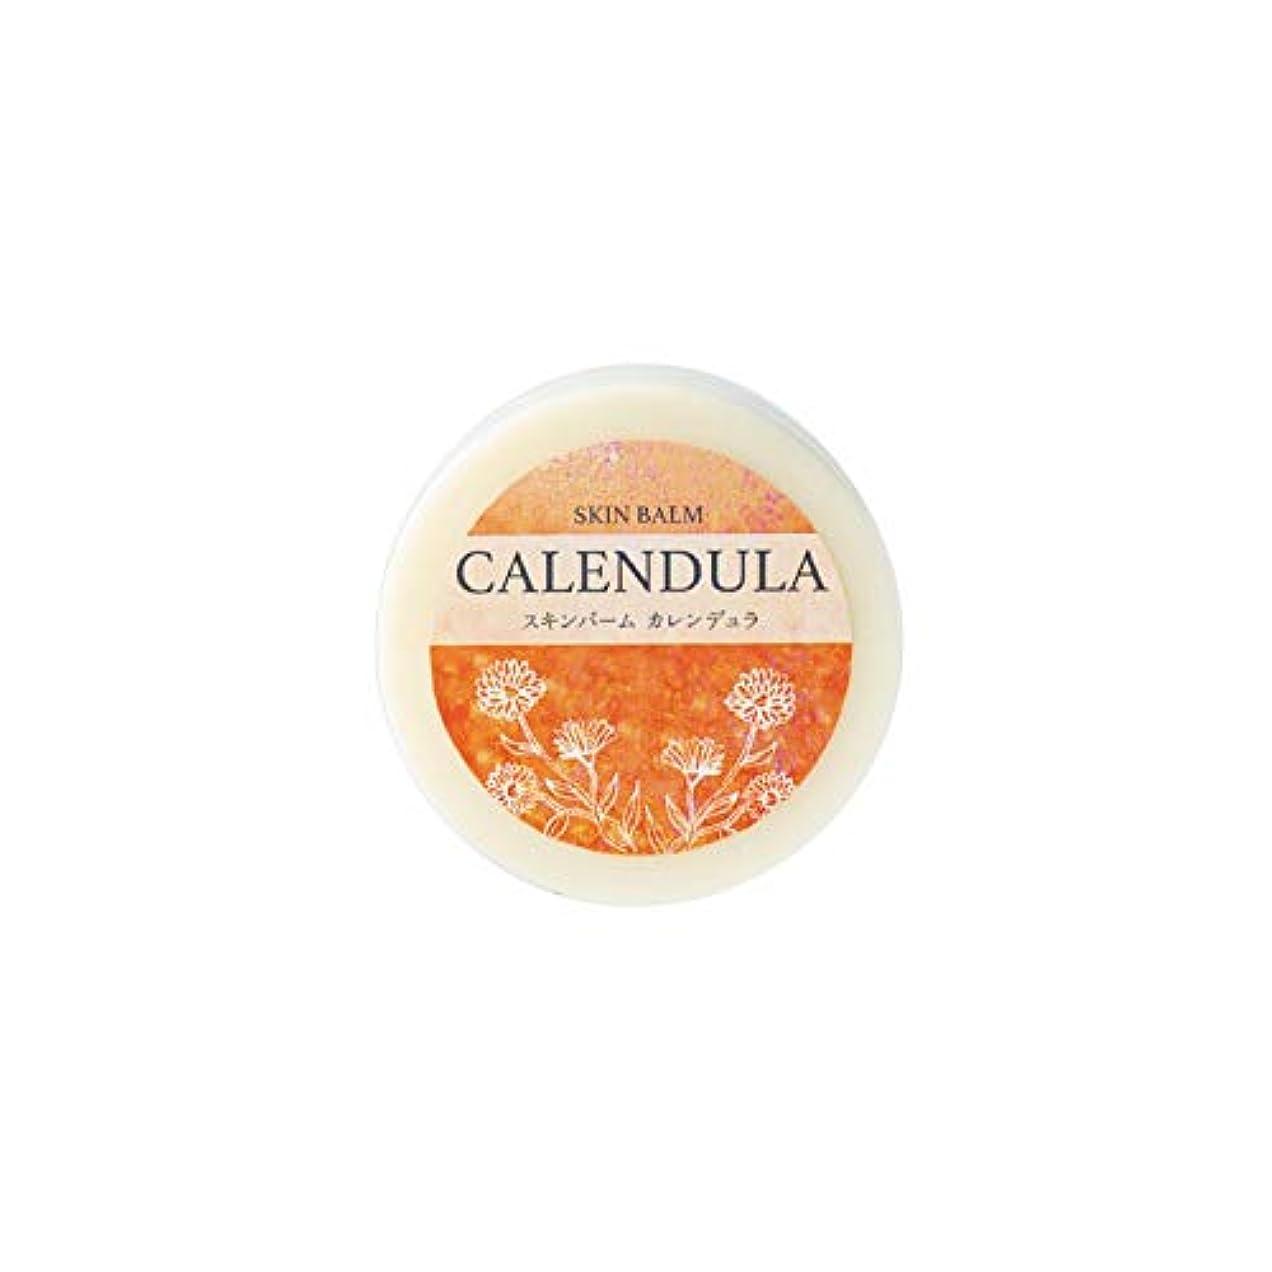 疲労メガロポリス伝統的生活の木 スキンバーム カレンデュラ 30g